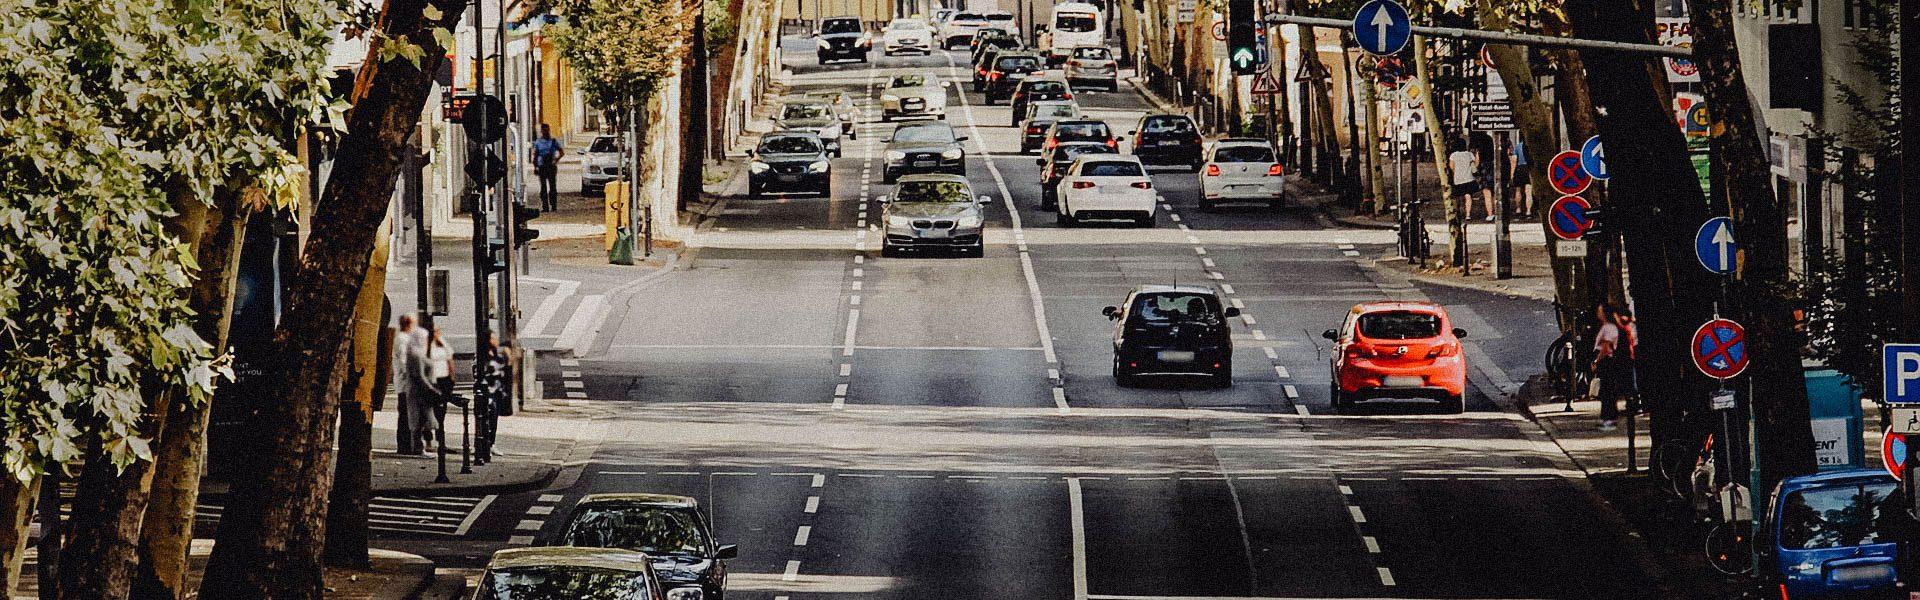 Gemeinsames Verständnis von Mobilität | SichtWeisen | Bild von S. Hermann & F. Richter auf Pixabay